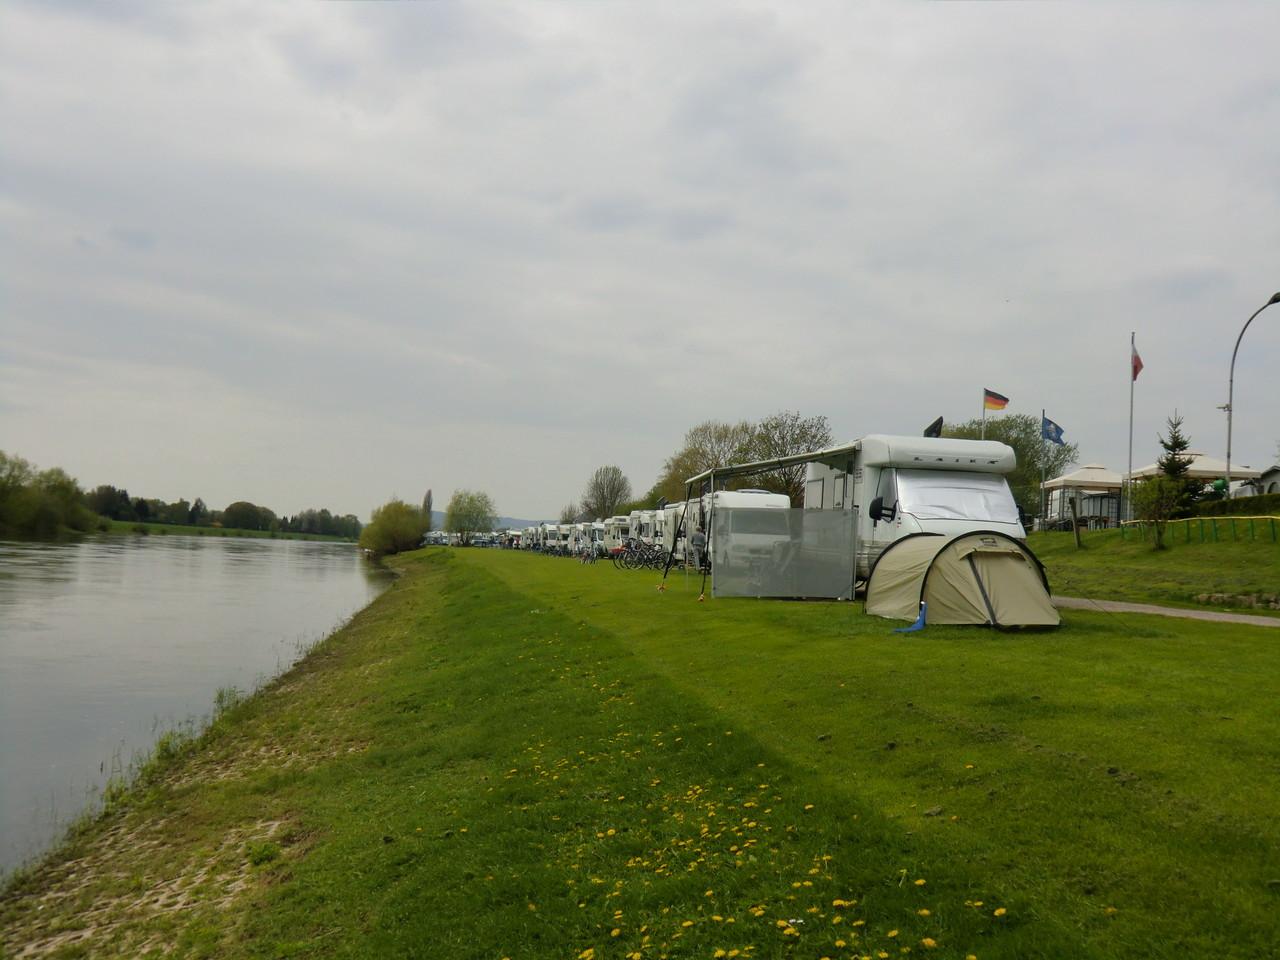 eines ehemaligen Campingplatzes